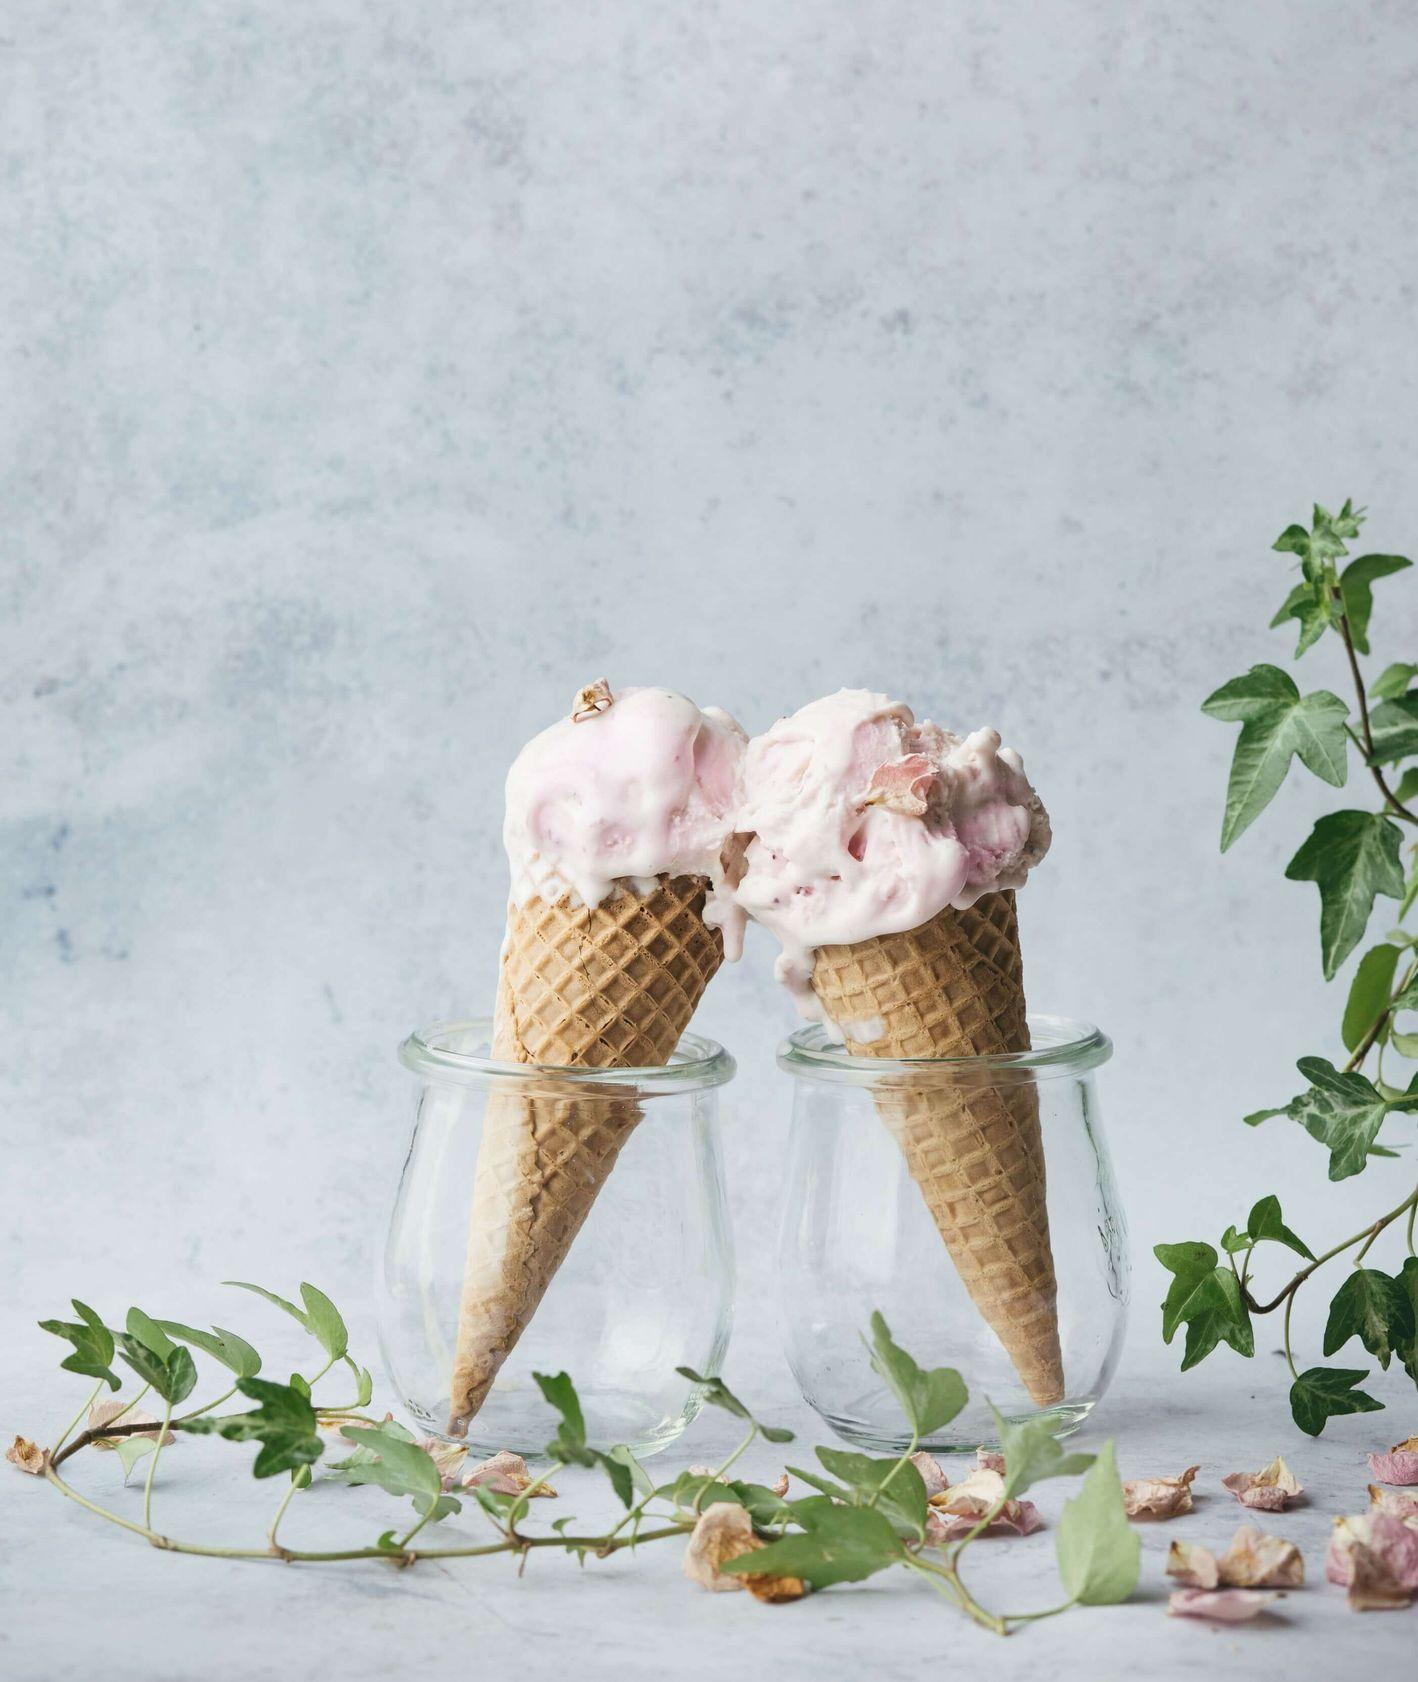 czy lody są zdrowe, ile kalorii mają lody, (fot. Heather Barnes)